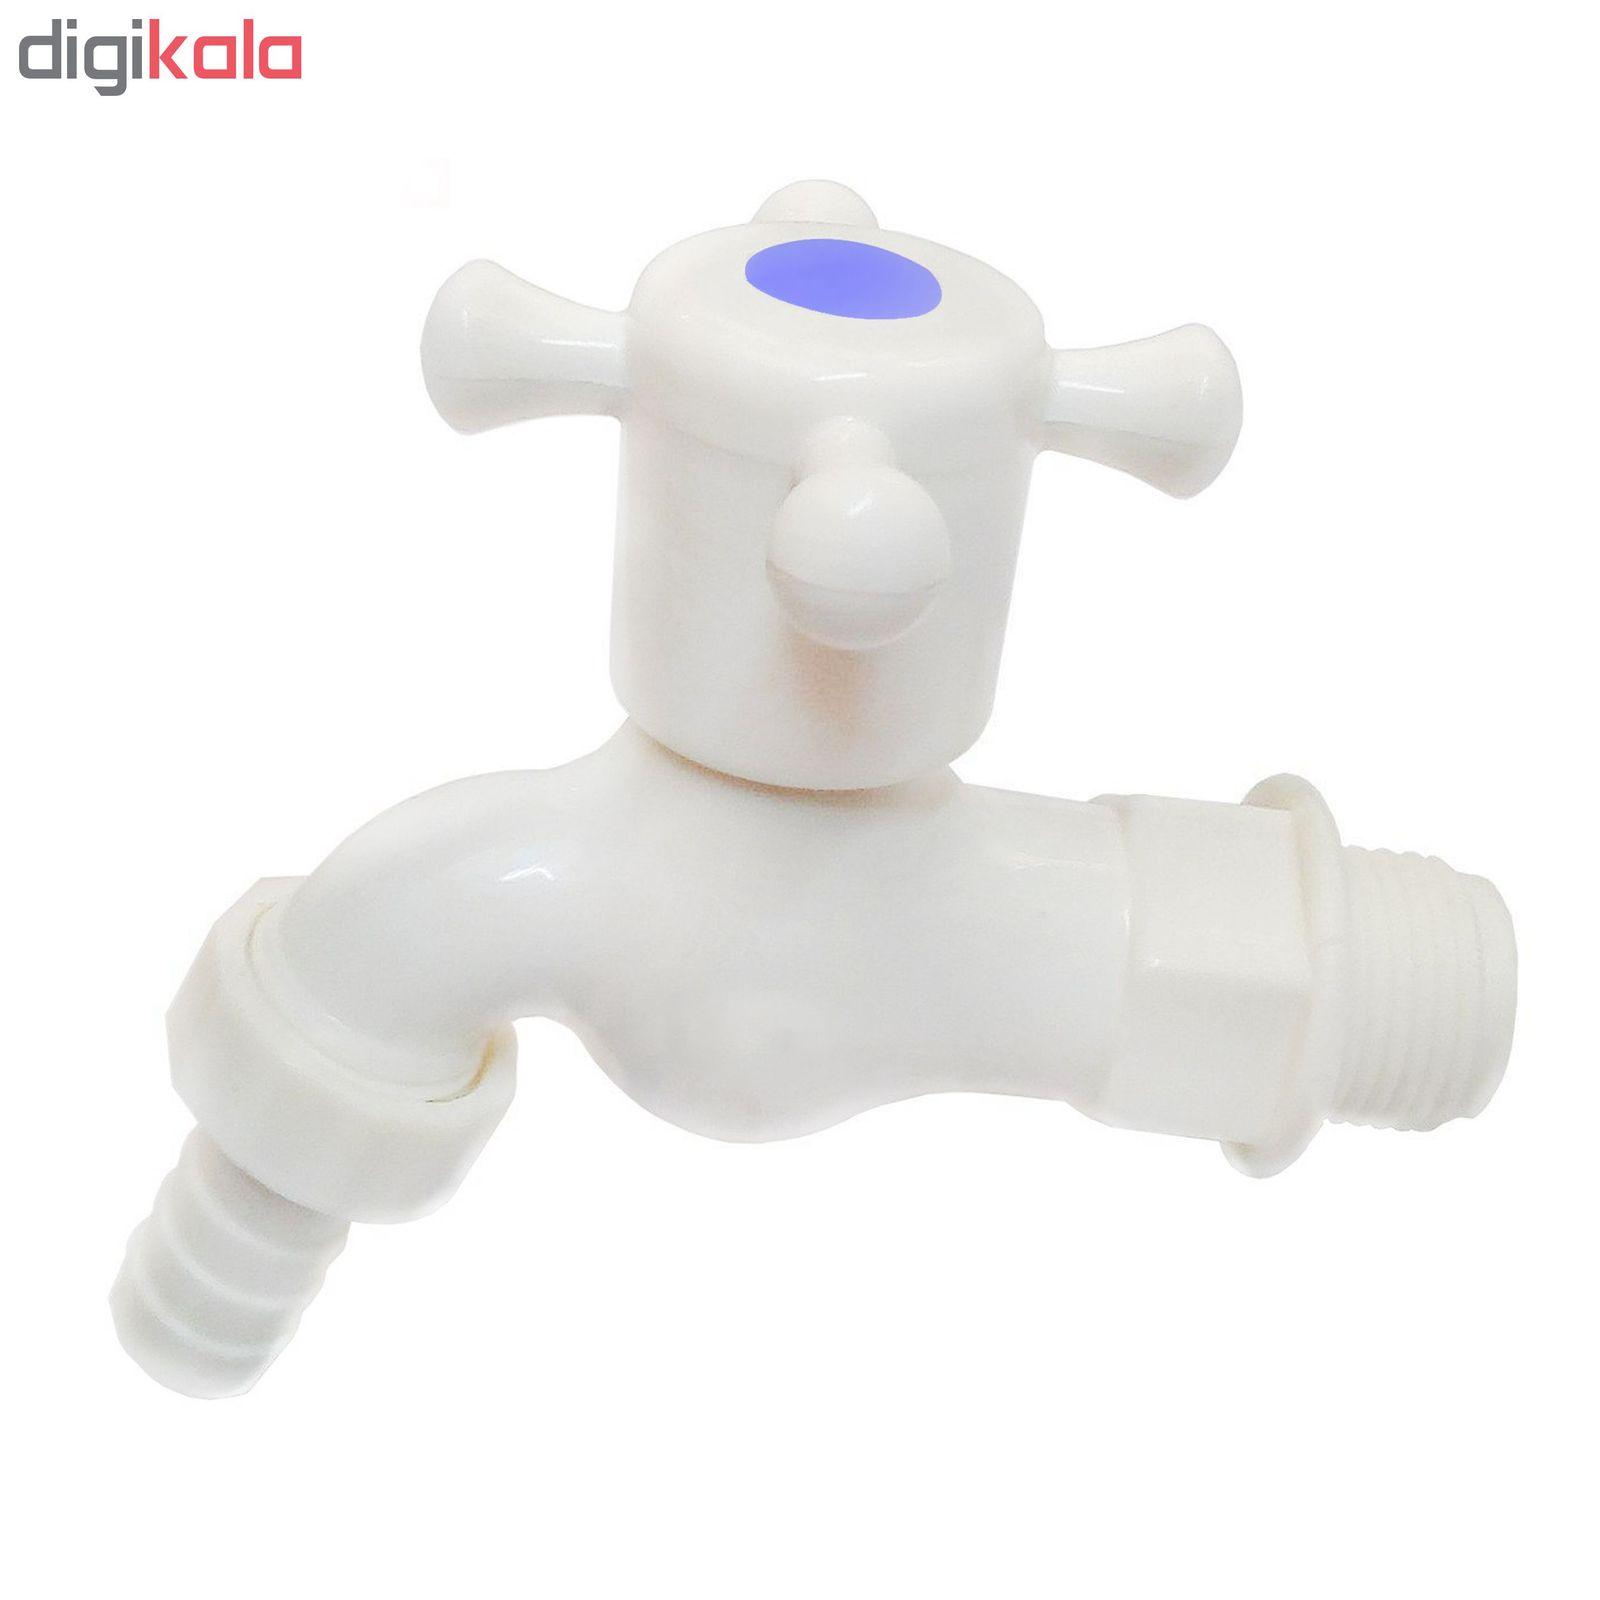 شیر آب کد AB1 main 1 1